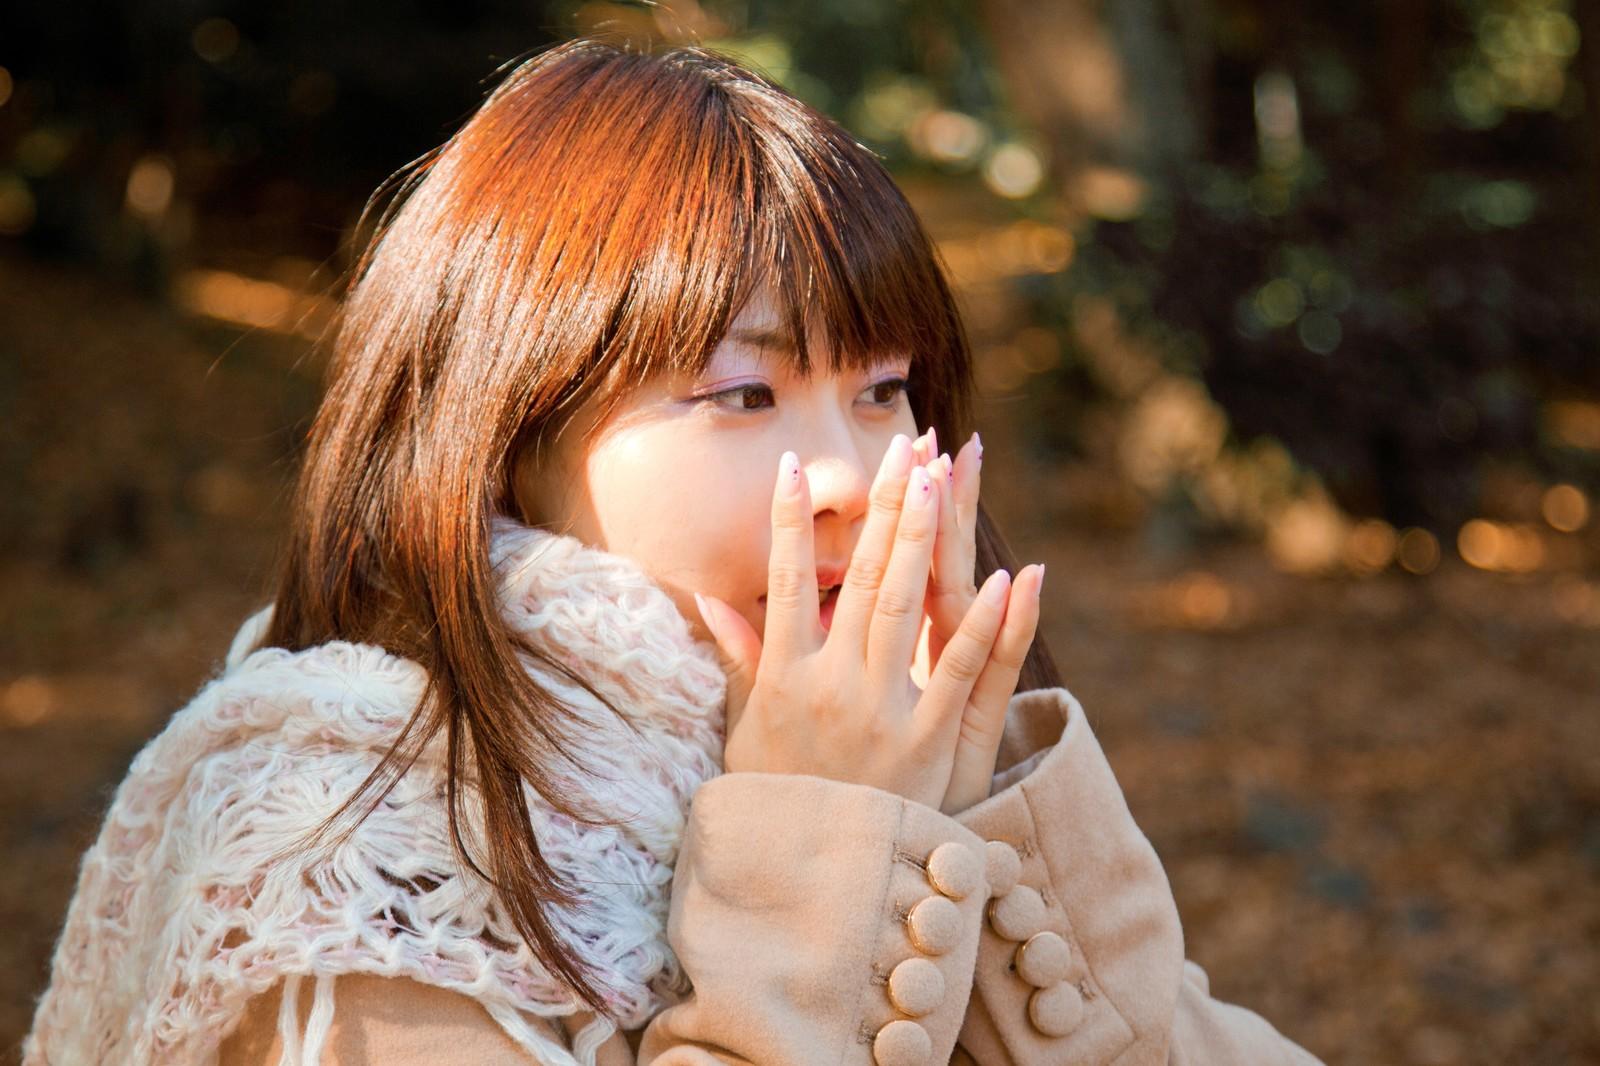 韓国語で「寒い」を伝えるさまざまな表現&フレーズ